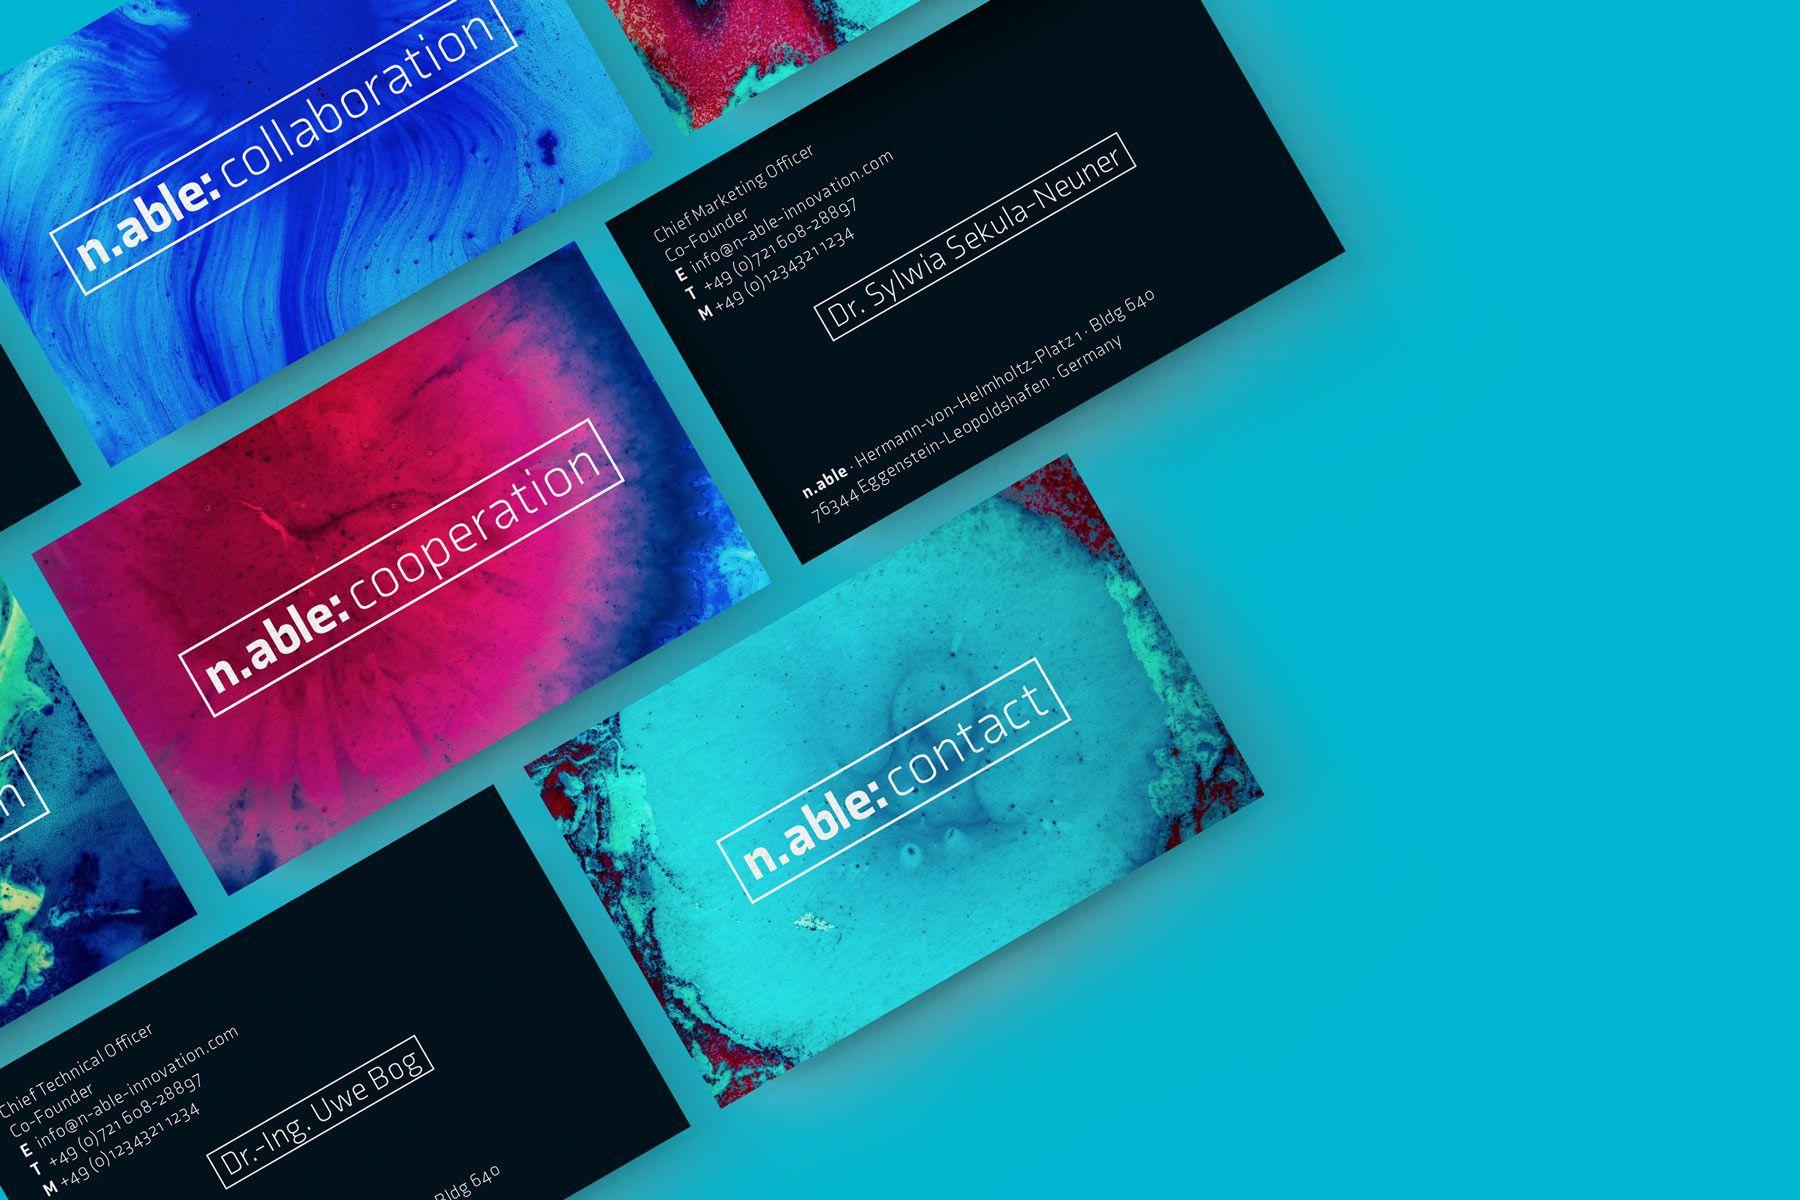 Brand Design für ein Biotech Start-up - Markenbildung & Positionierung